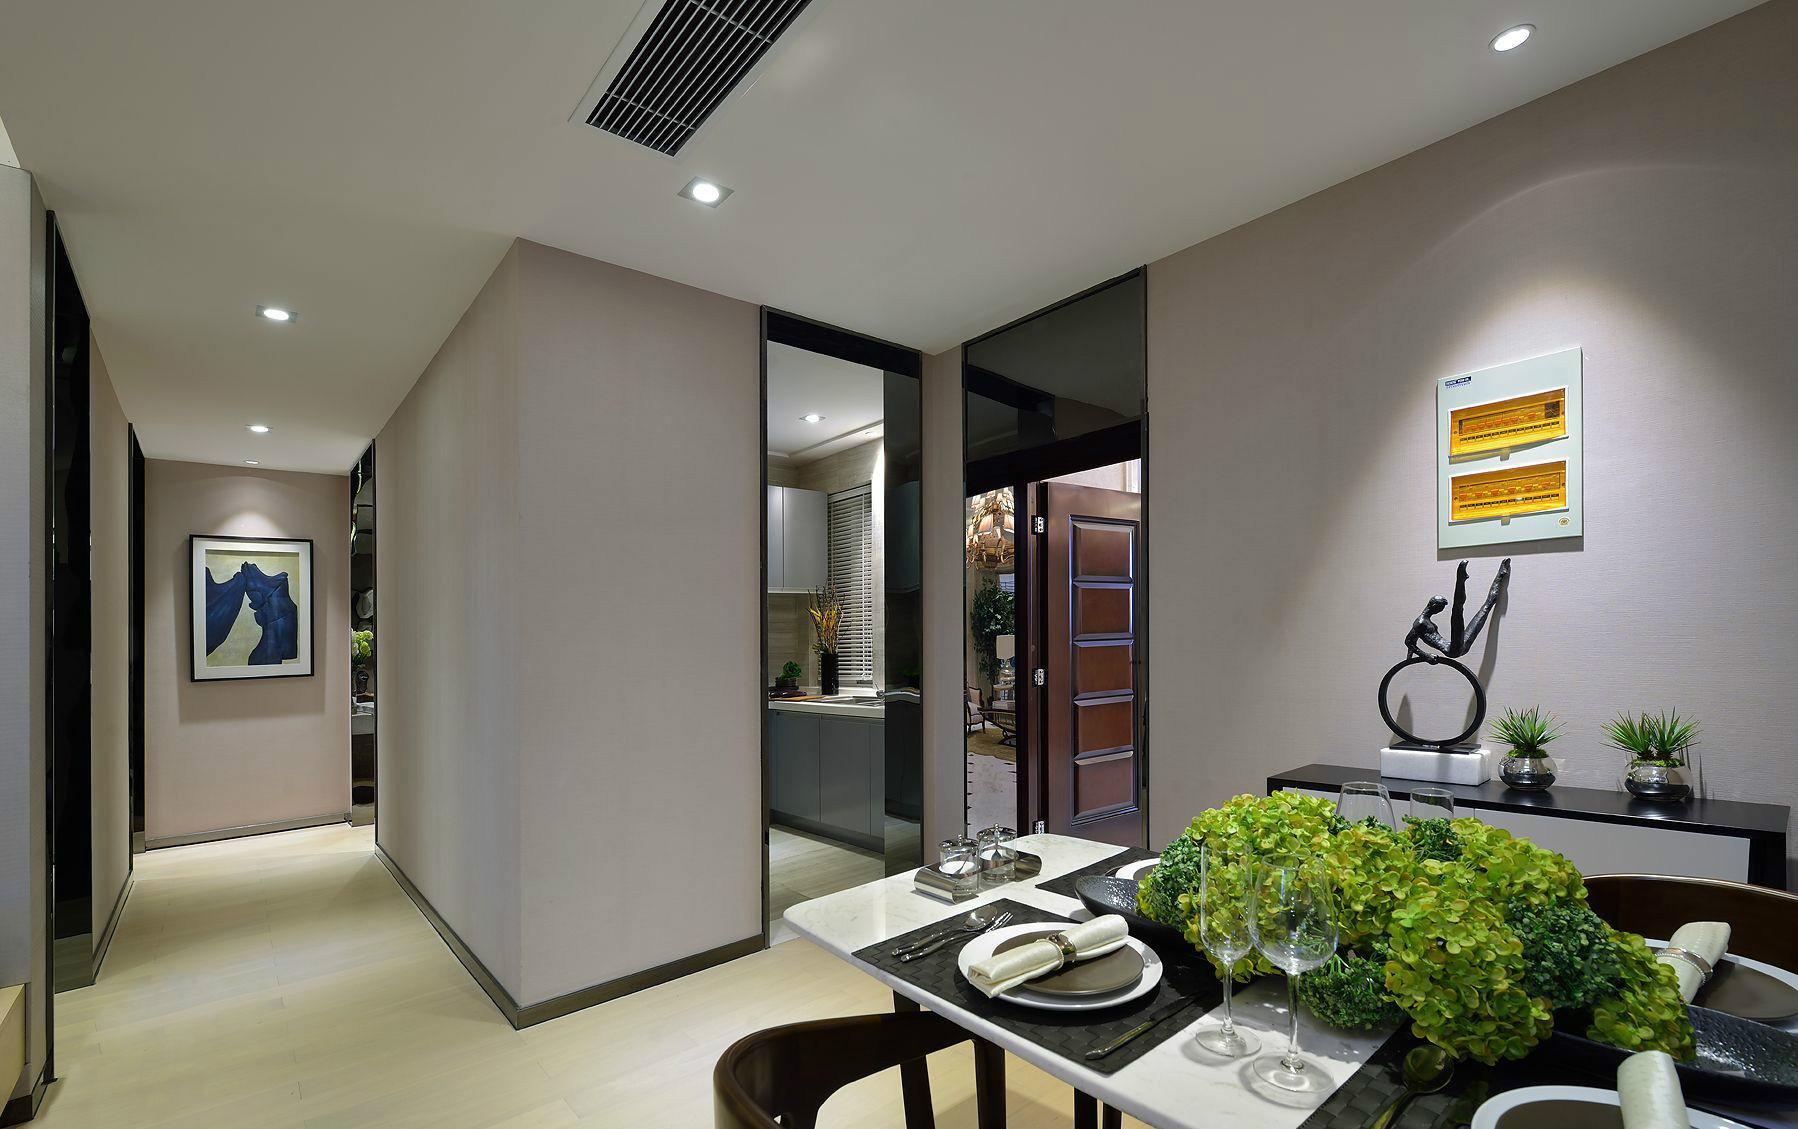 简约 现代 三居 大户型 复式 跃层 80后 小资 白领 厨房图片来自高度国际姚吉智在140平米现代简约三居向往的生活的分享